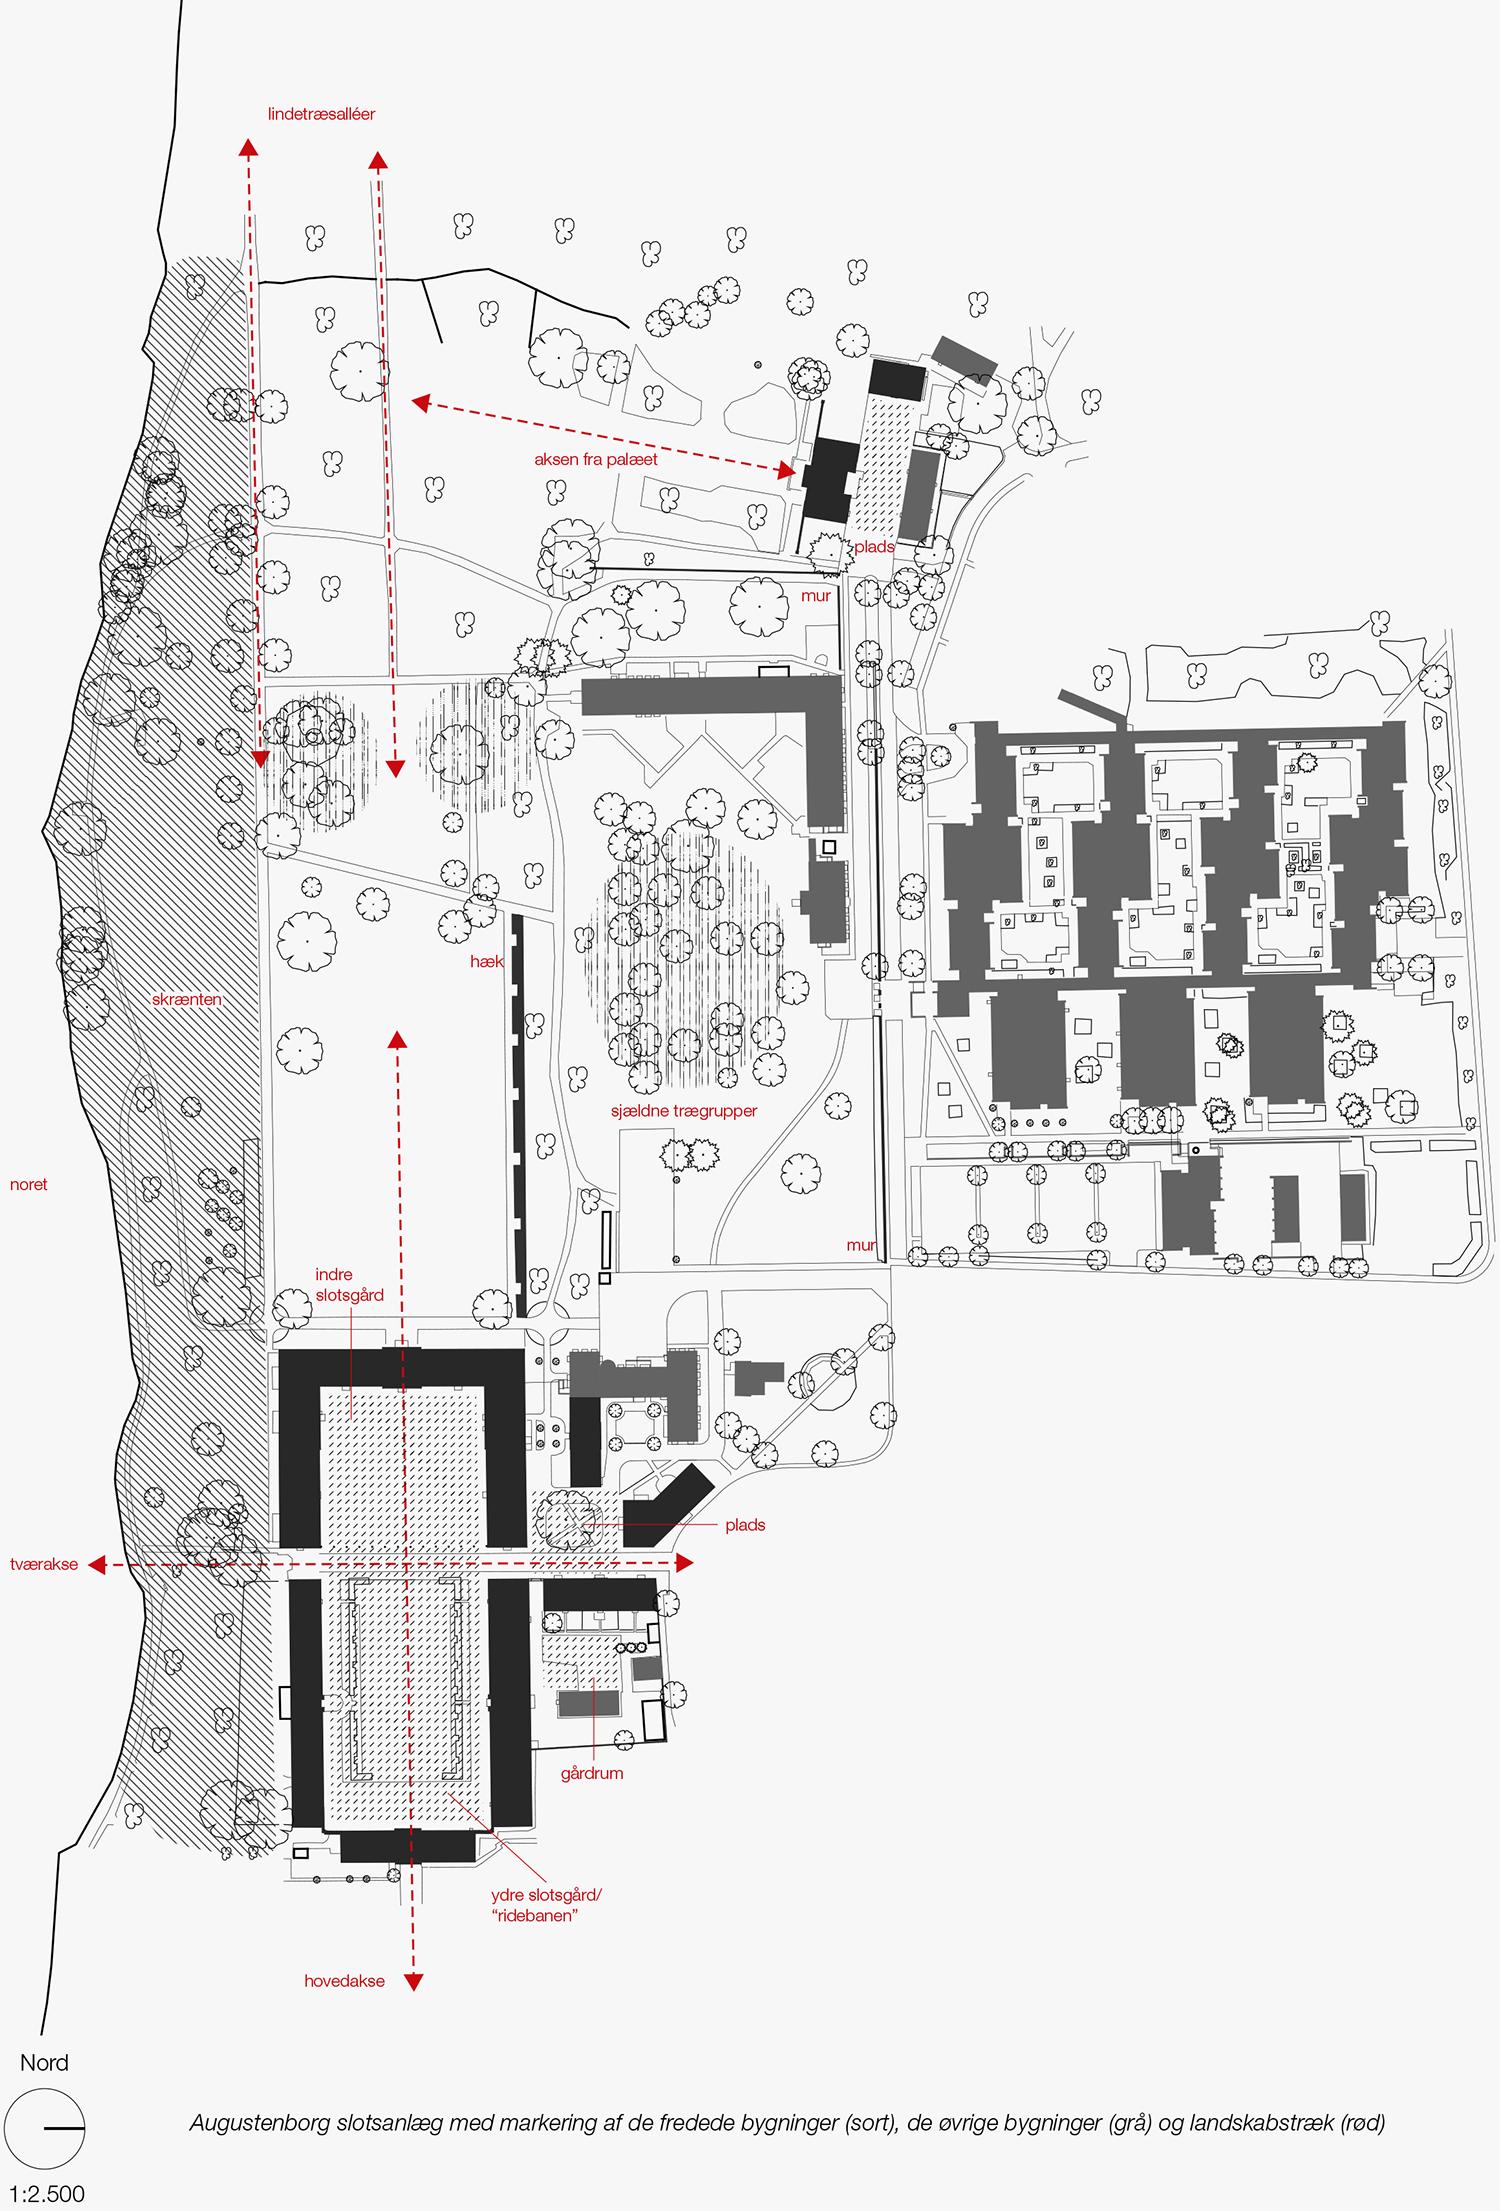 Augustenborg slotsanlæg med markering af de fredede bygninger (sort), øvrige bygninger (grå) og landskabstræk (rød). Kort: Arkitema Architects.